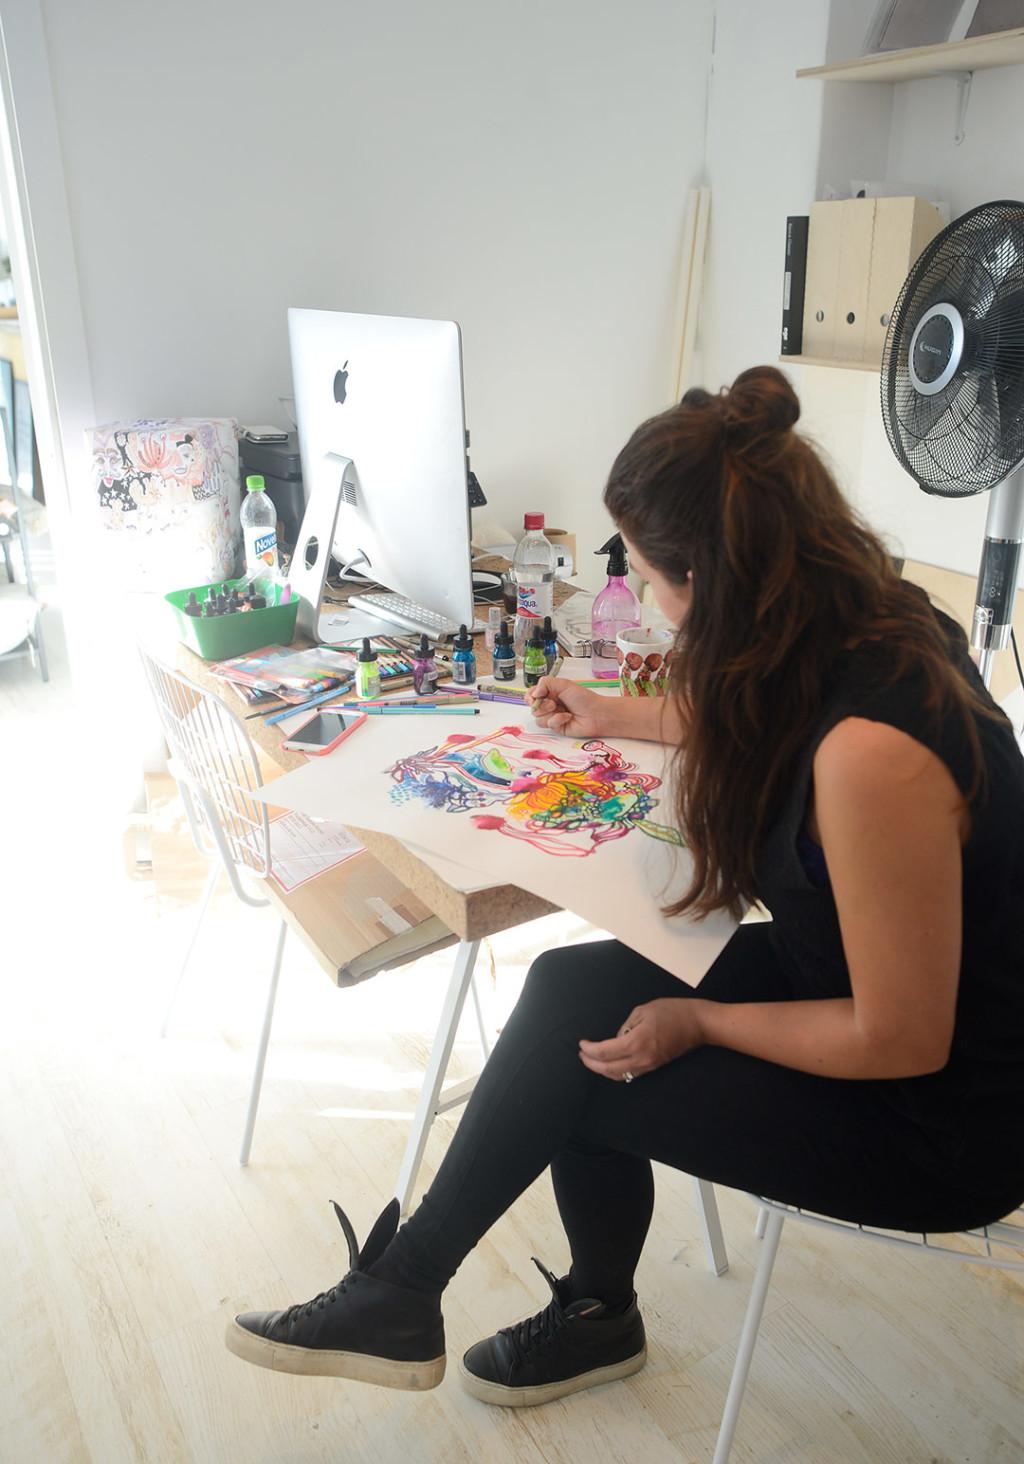 Susanna Sivonen Live Painting at MIA Design